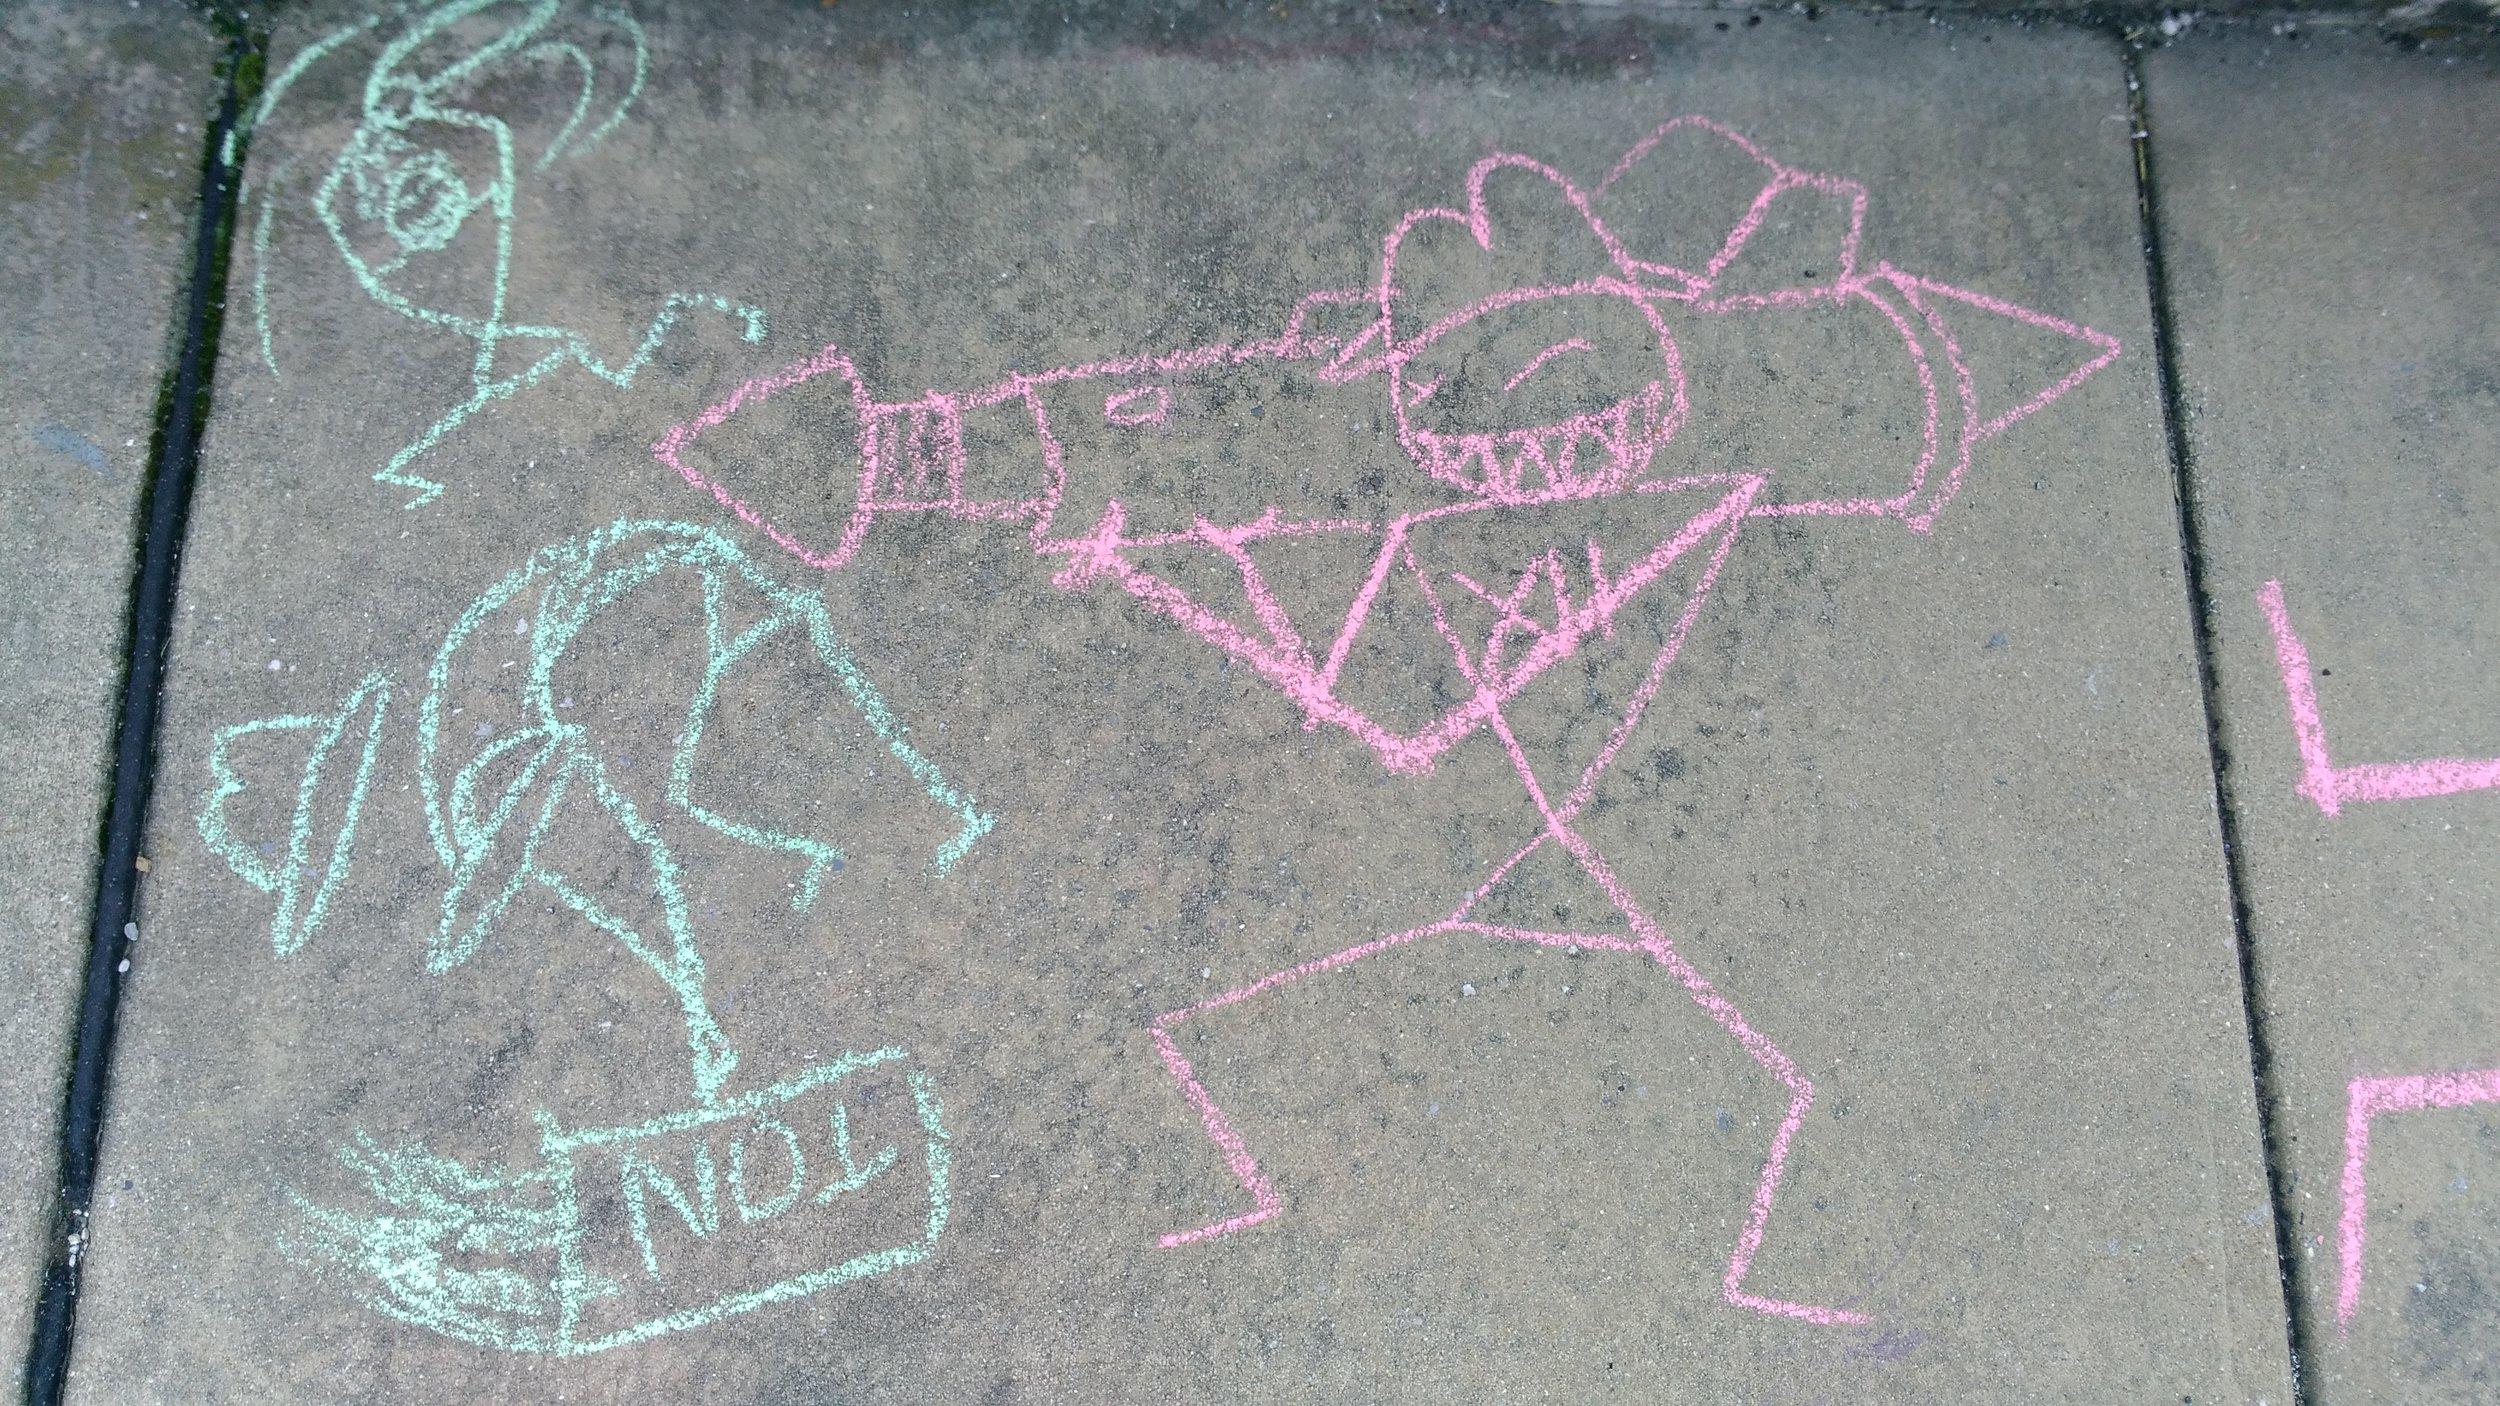 Burgandy XII sidewalk sketches - Nick Kaehler.jpg